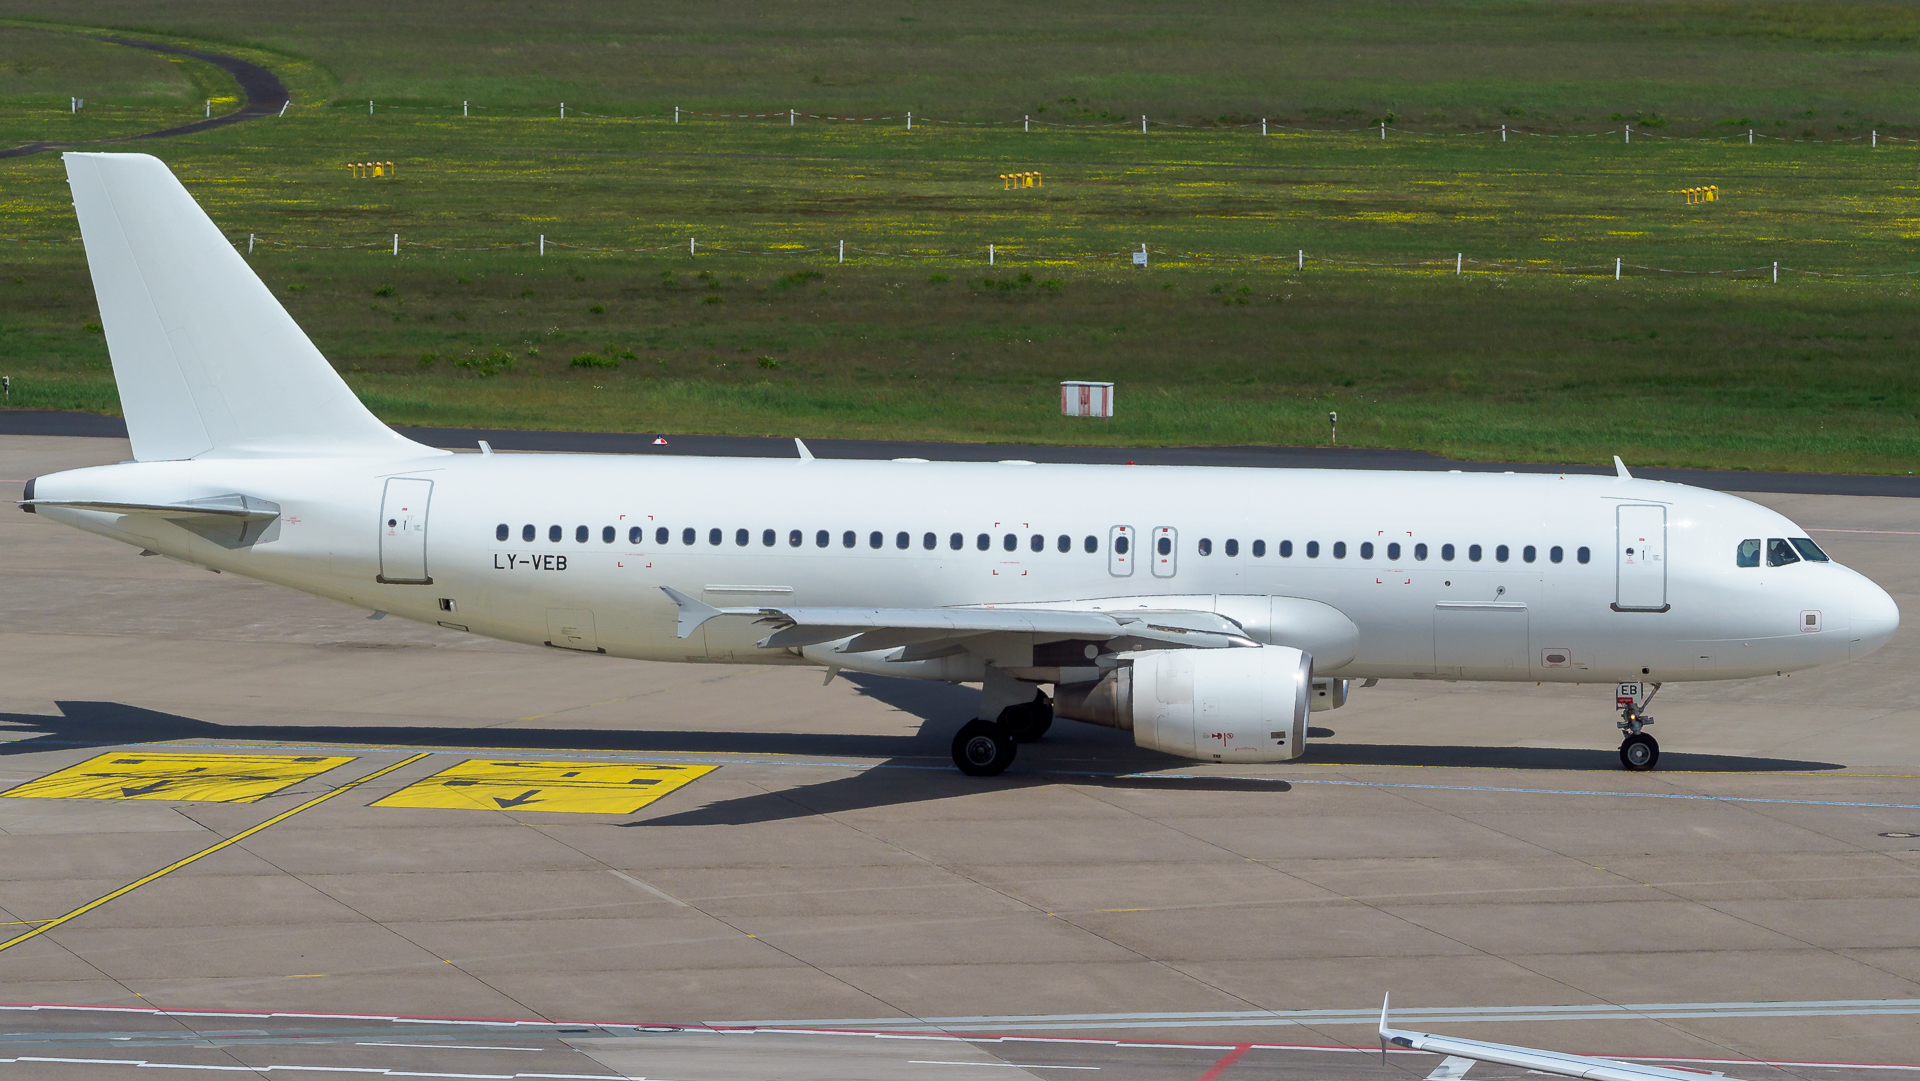 En Airbus A320-200 fra det litauiske ACMI- og wetleasingselskab Avion Express. Foto: Avion Express